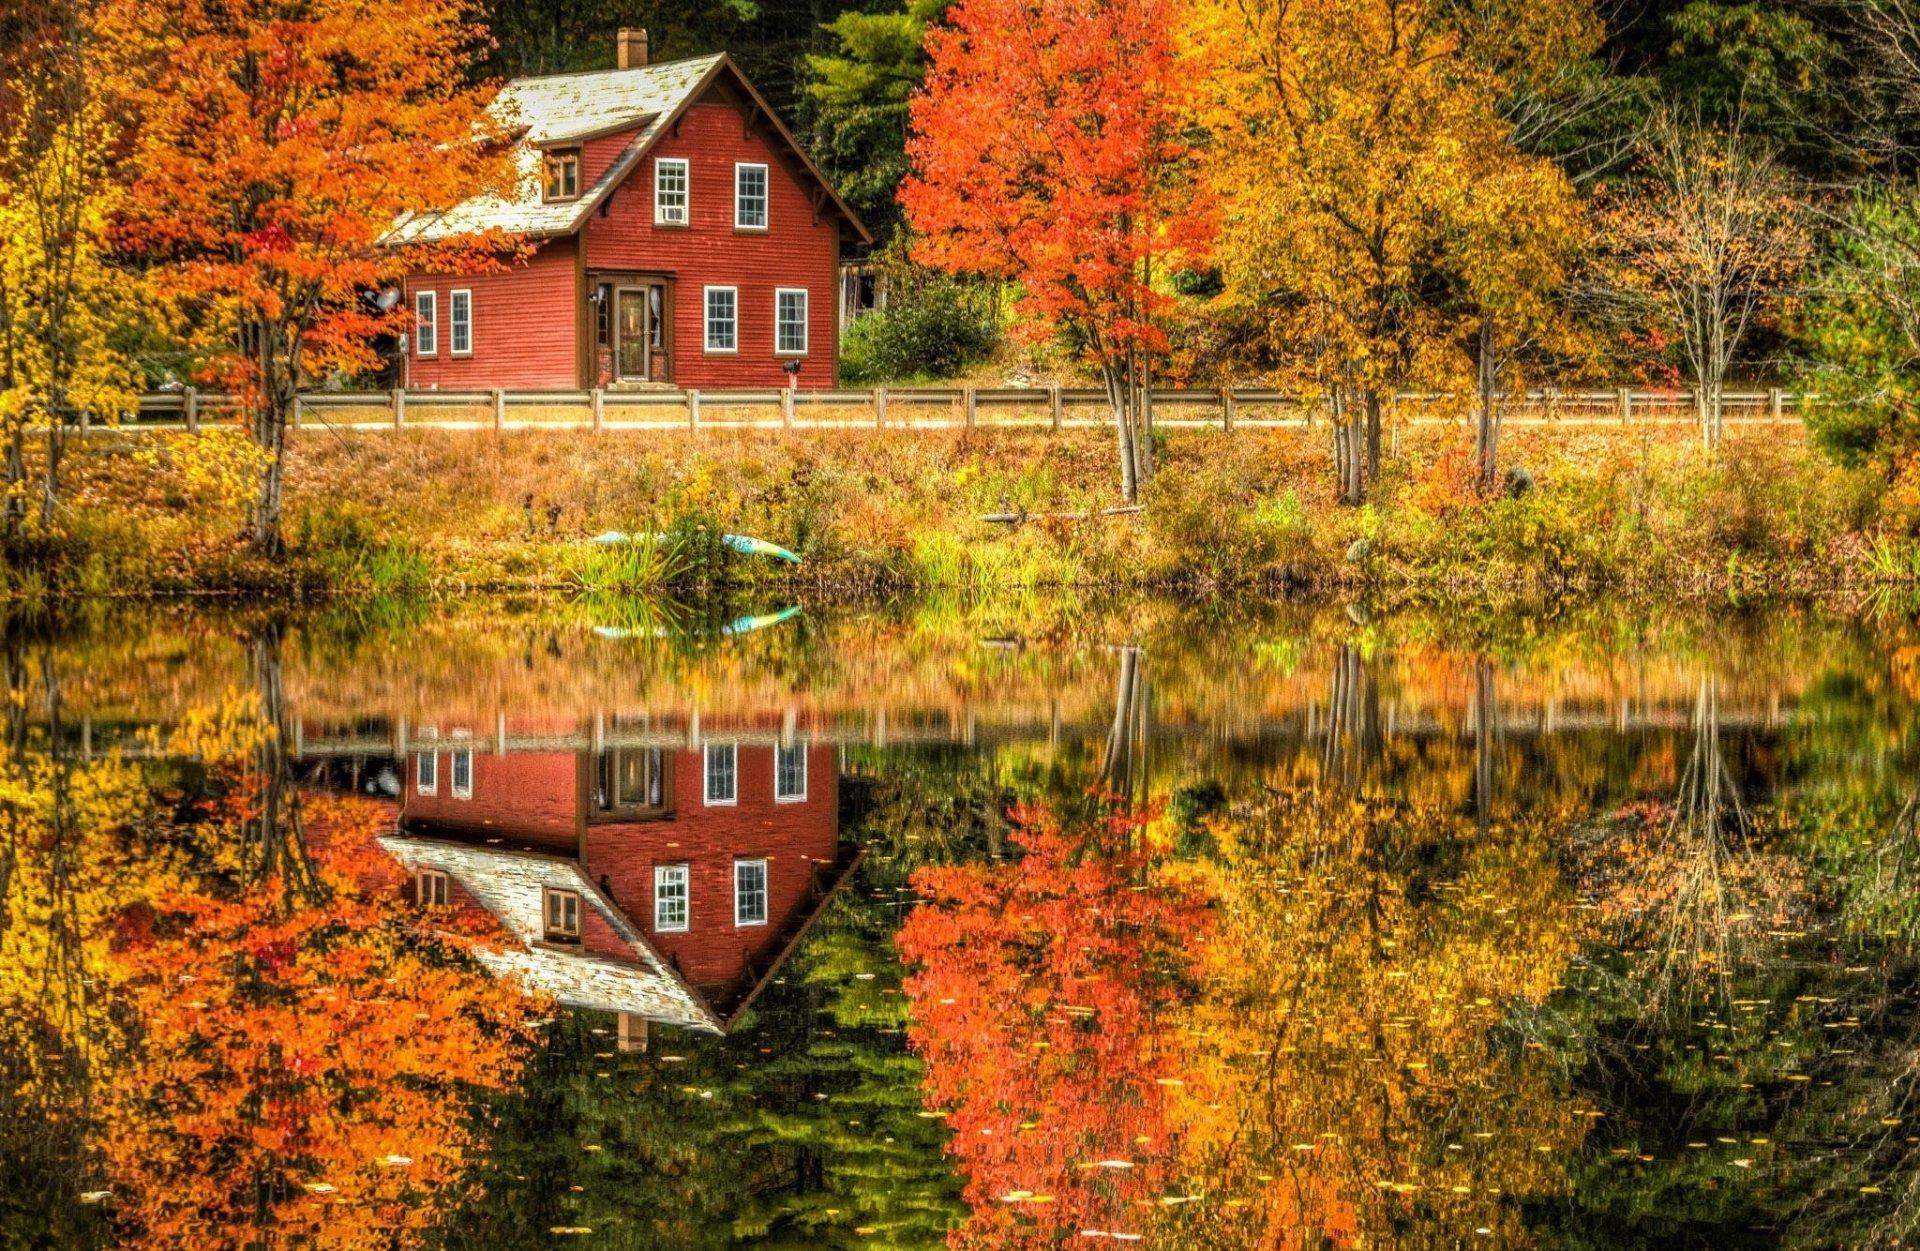 Осень в деревне фото деревенского пейзажа фотография